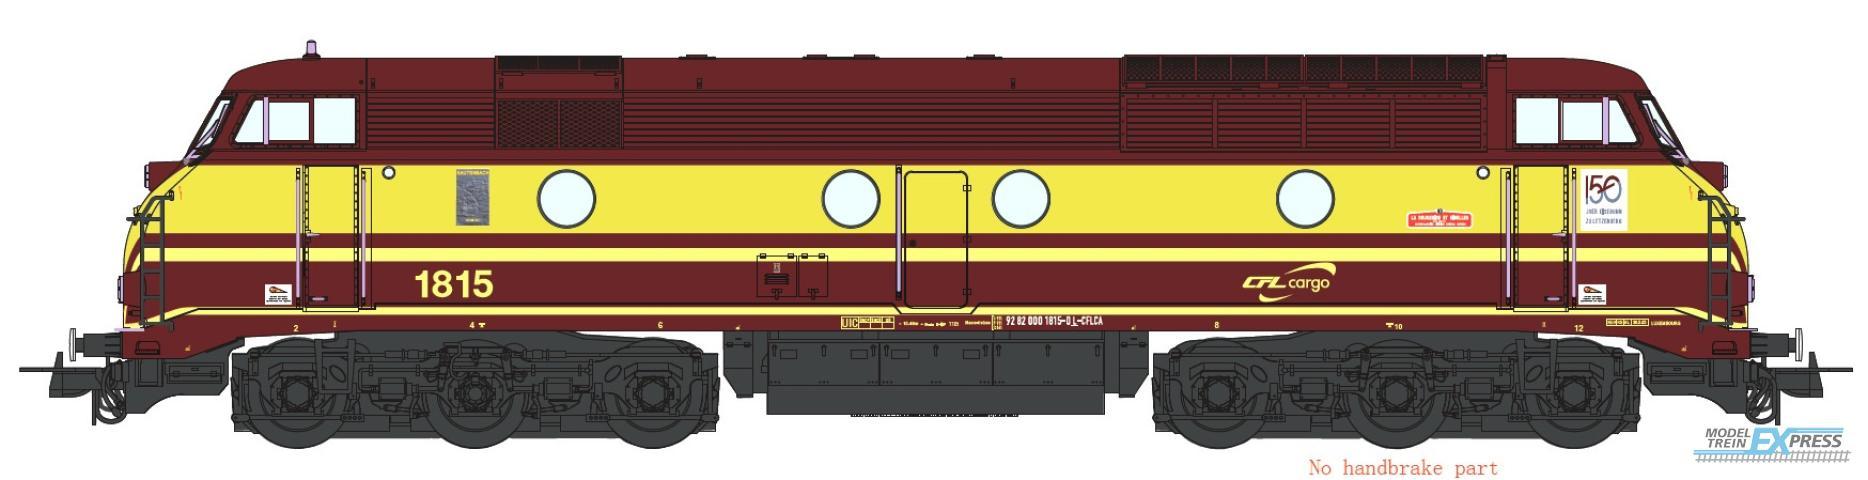 B-Models 22.207